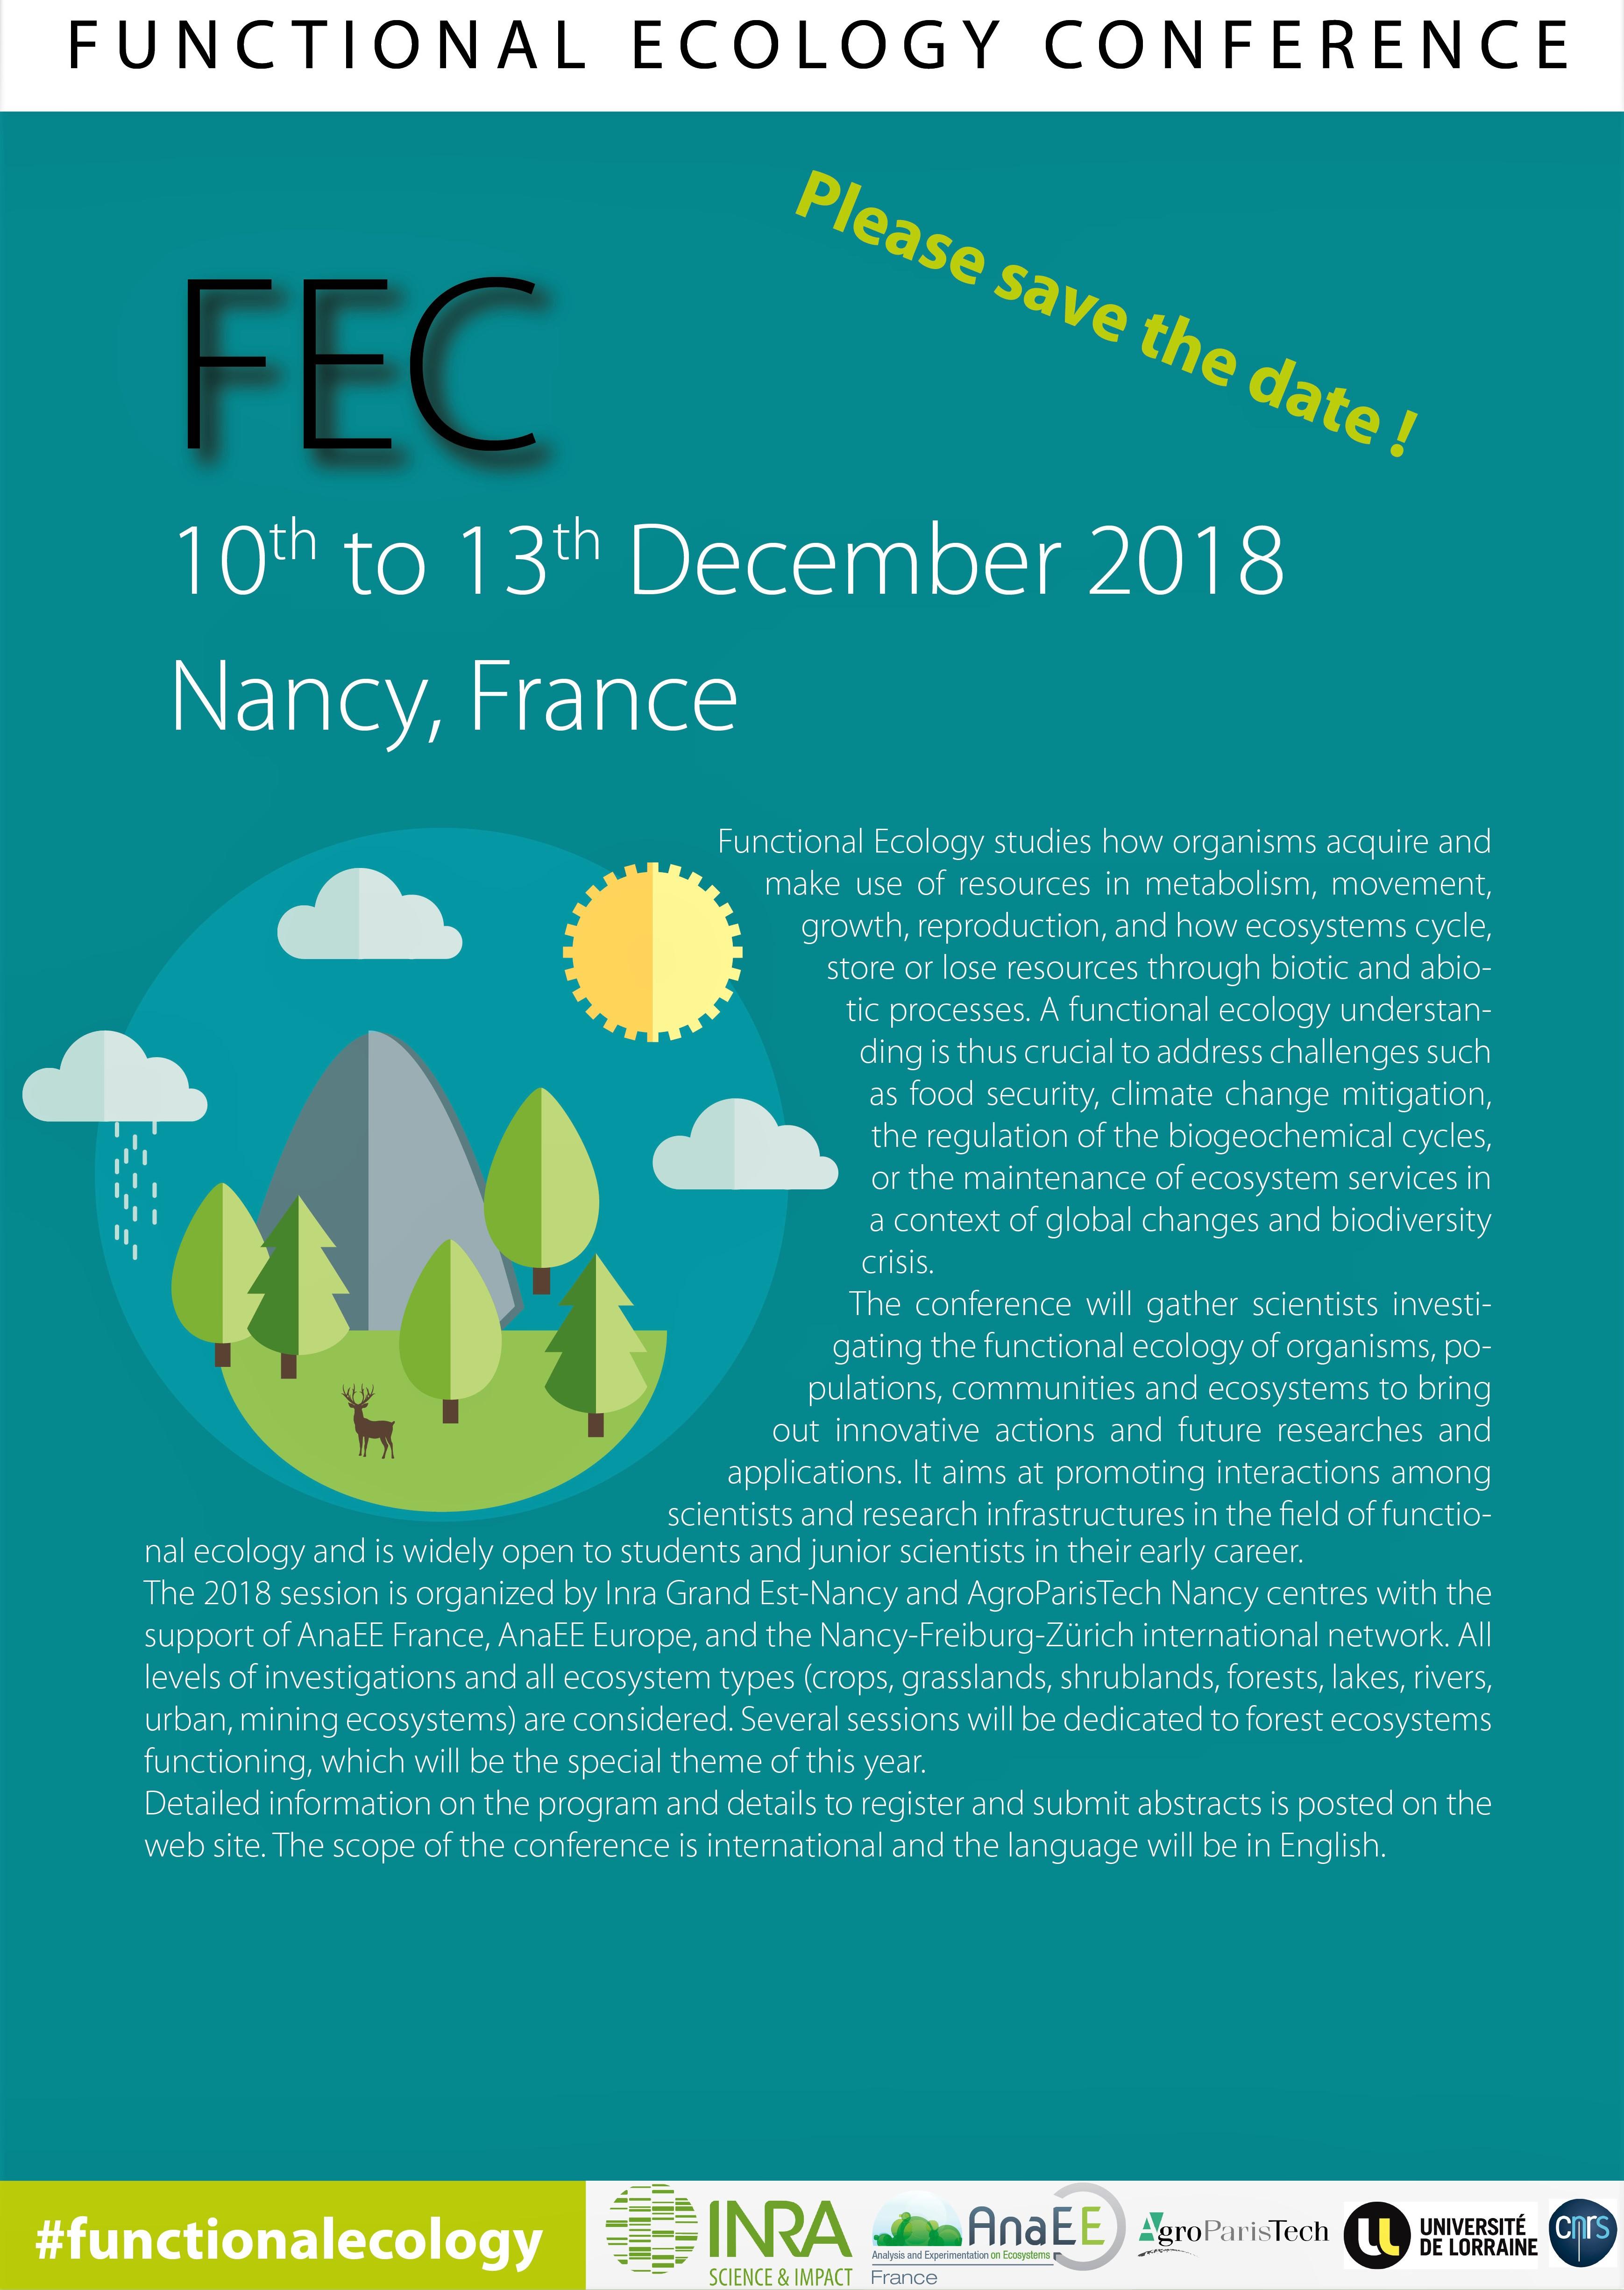 FEC 2018 Annoncement